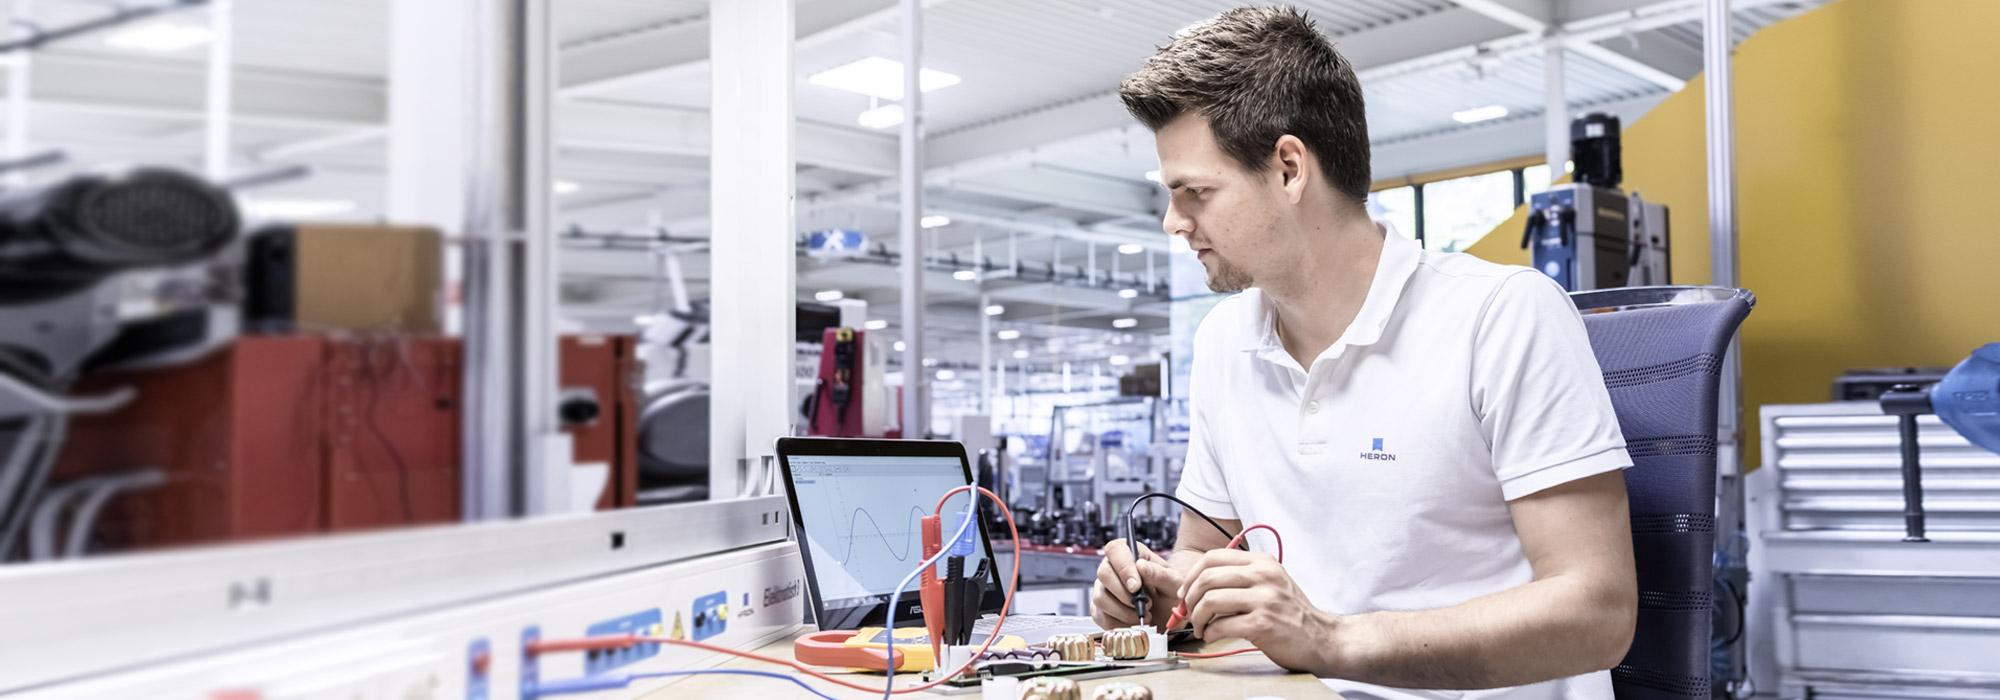 Elektrotechniker/in